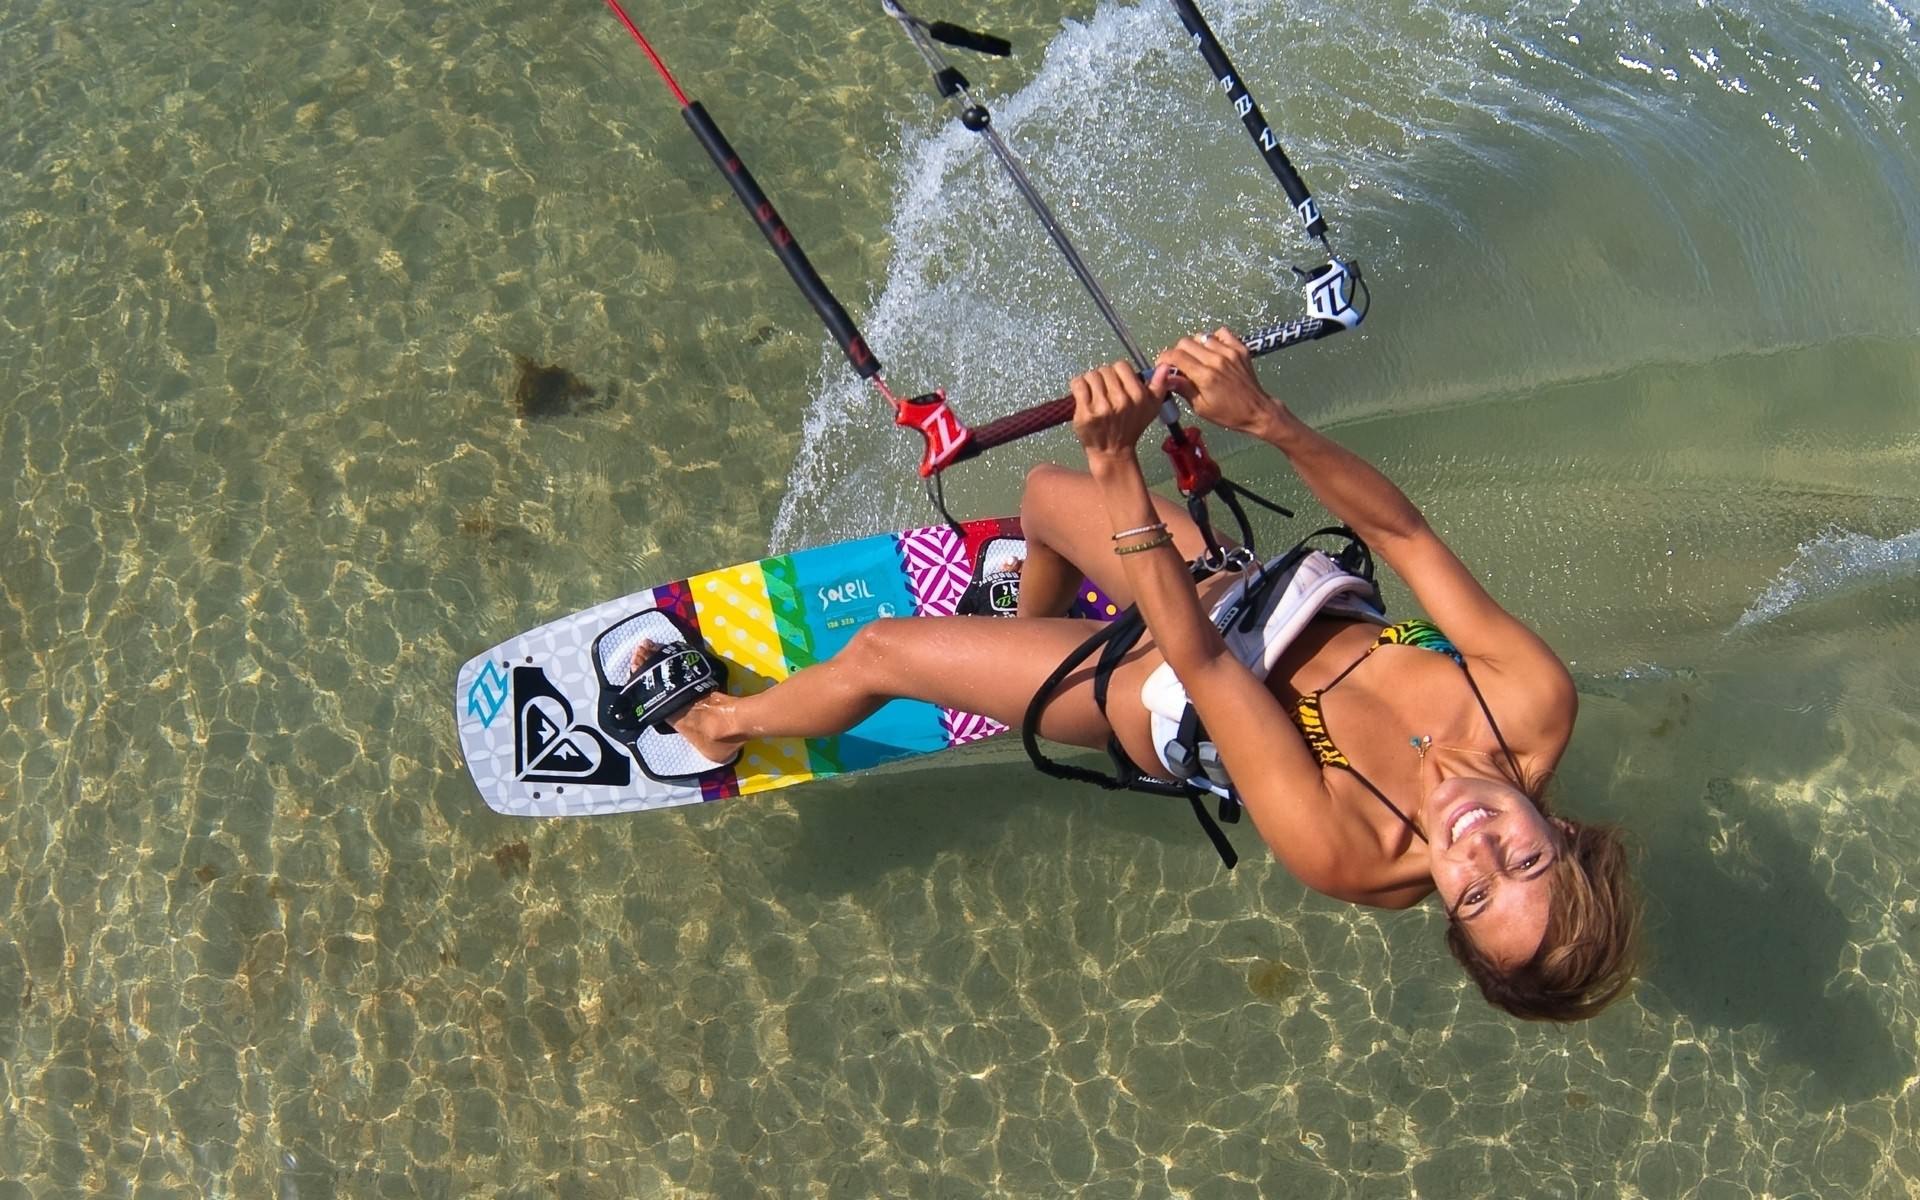 скайсерфинг, девушка, купальник